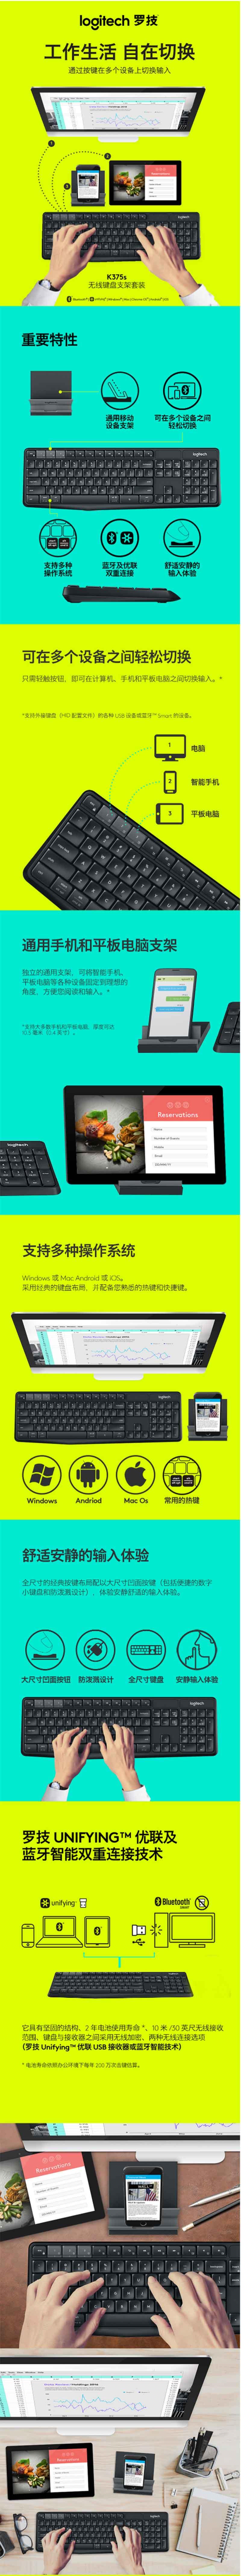 罗技(Logitech)K375s无线蓝牙双模式键盘 手机平板IPAD家用办公电脑笔记本键盘 黑色